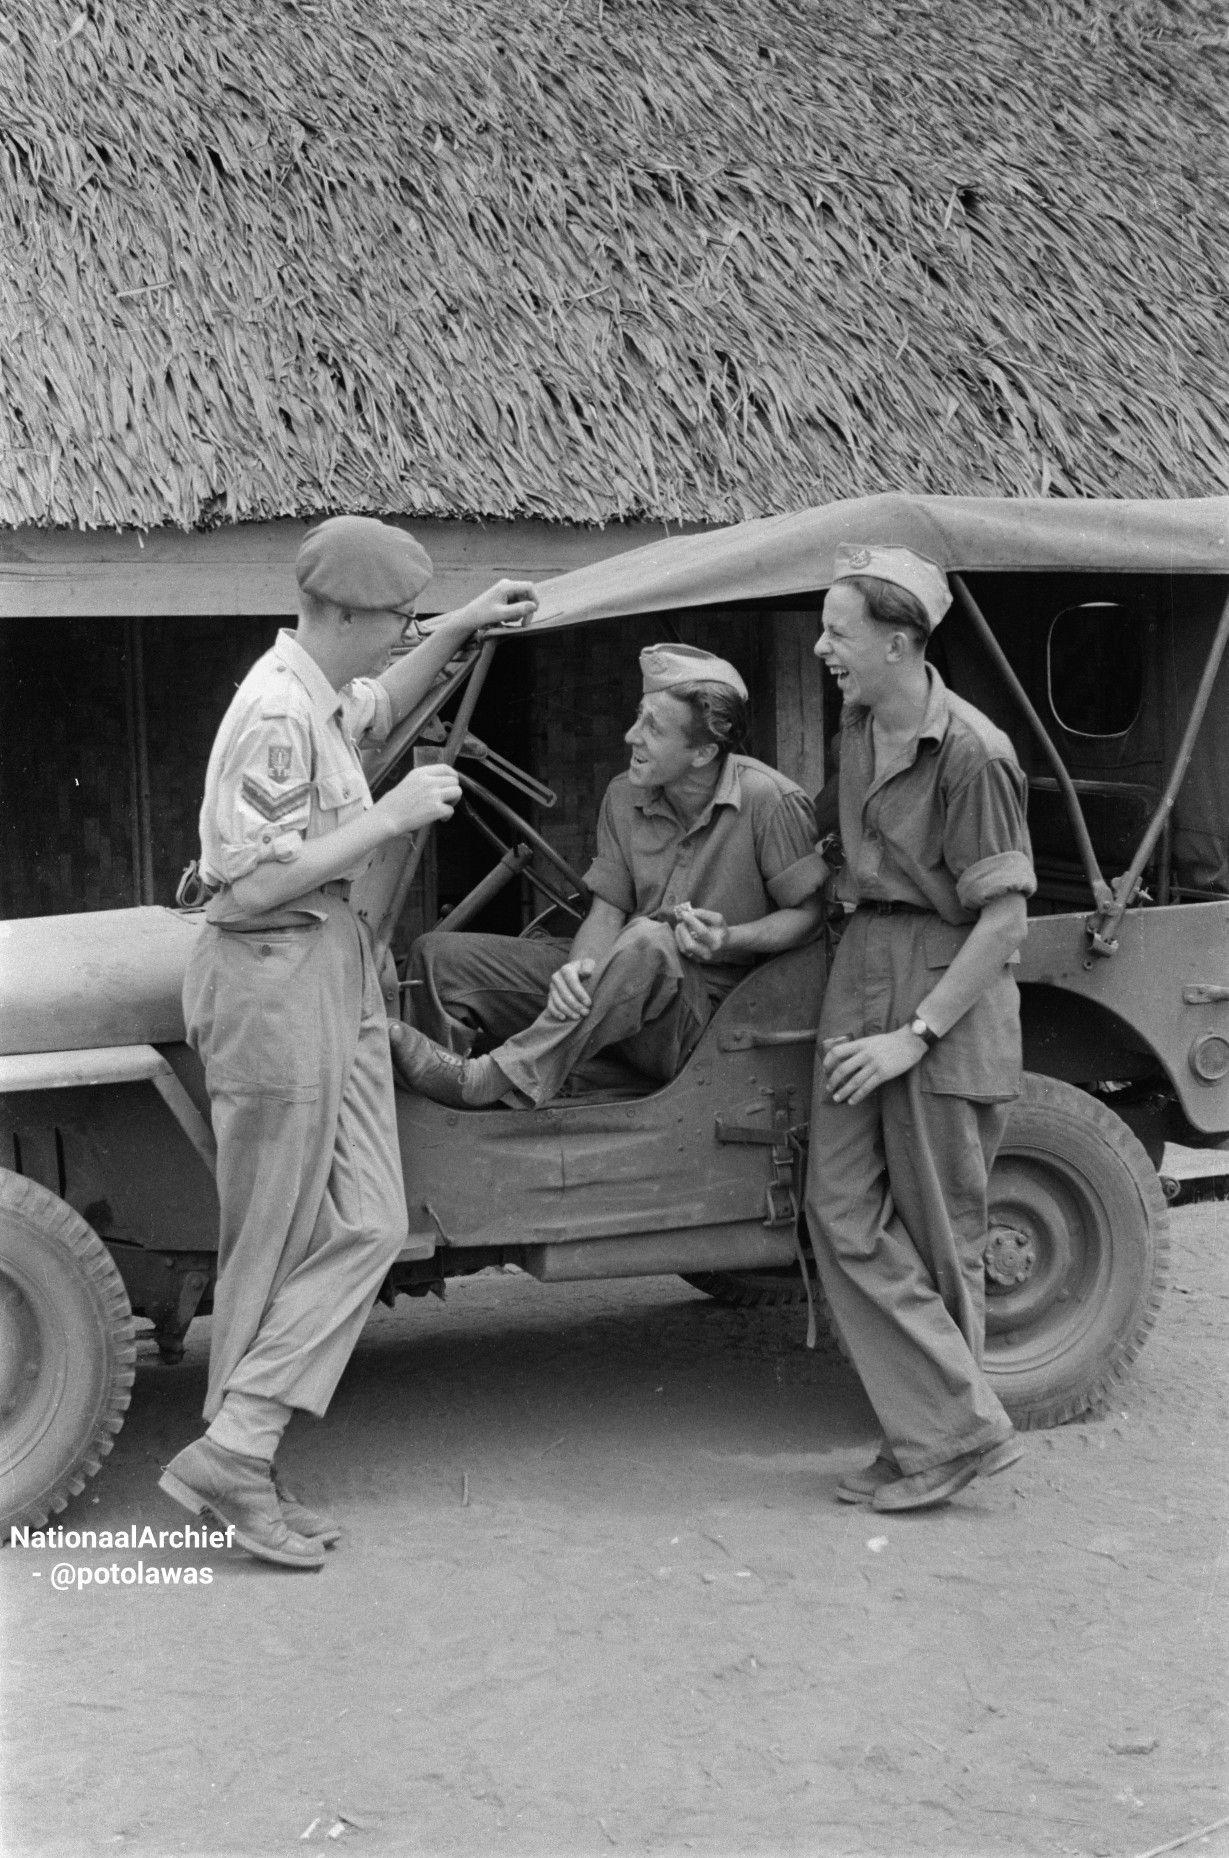 Potret Tiga Tentara Belanda Bercengkrama Didekat Sebuah Mobil Jeep Di Camp Doeri Tangerang Sekitar November 1946 Camp Do Tentara Perang Dunia Kedua Jeep